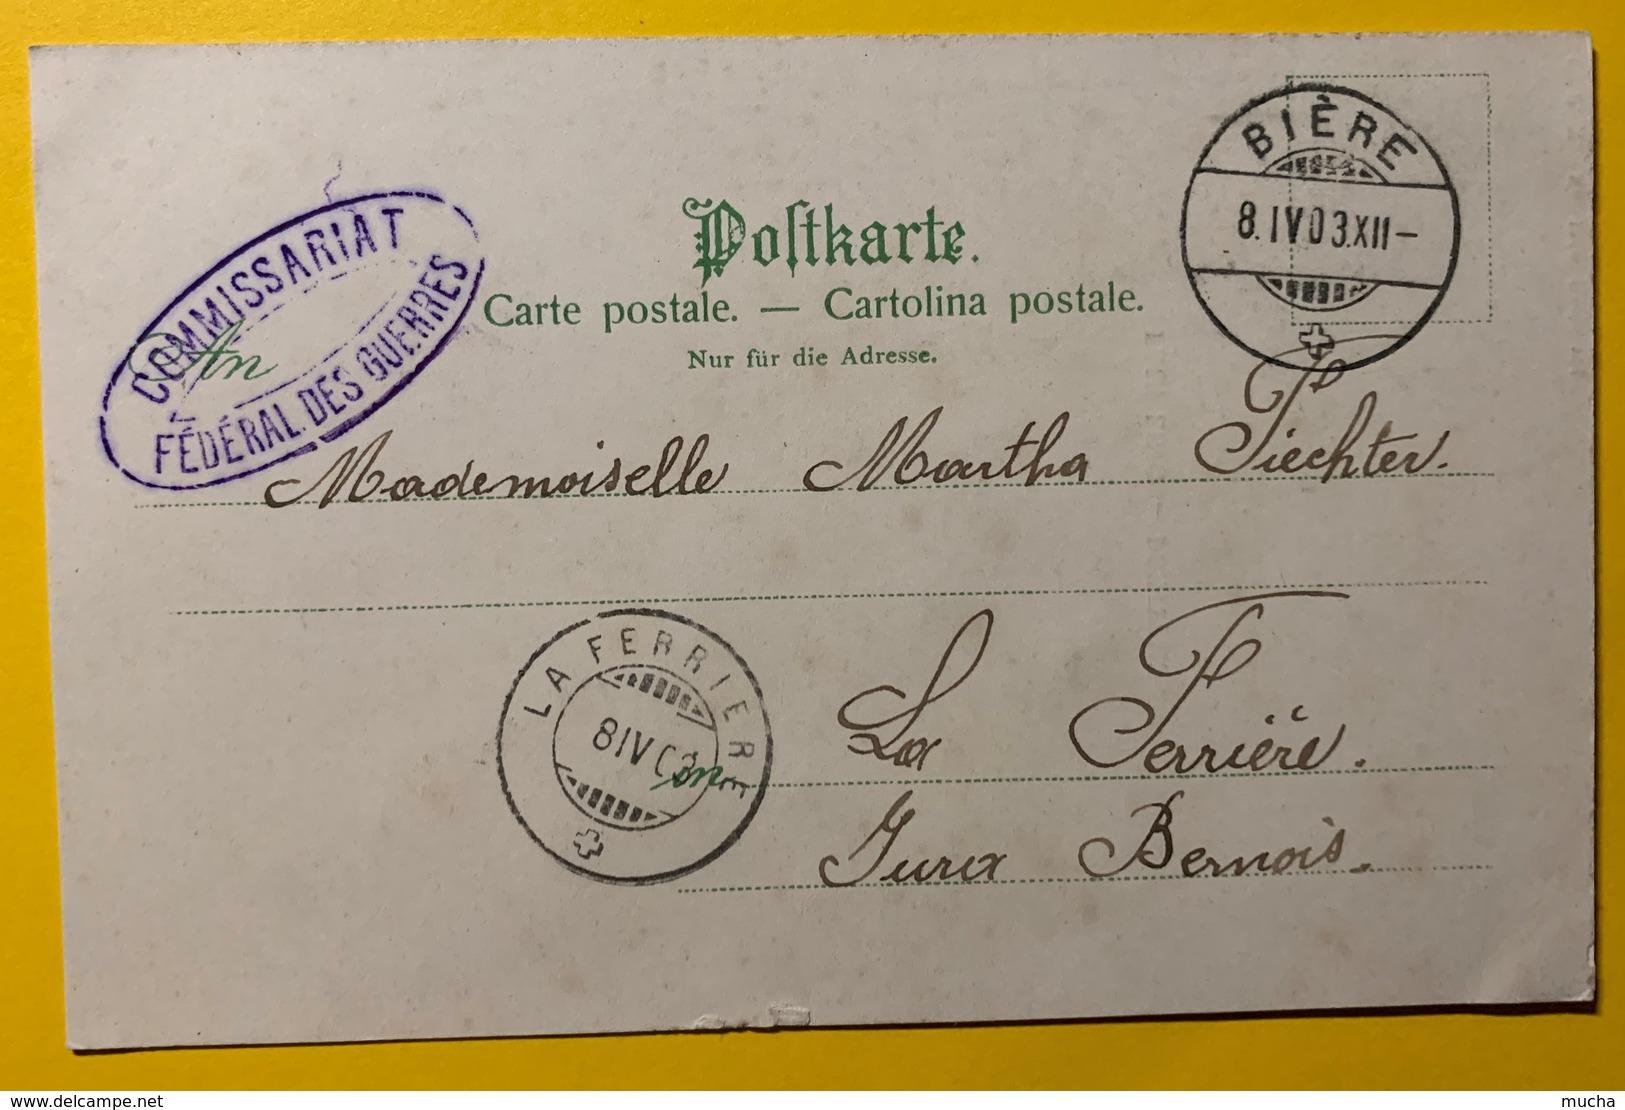 9246 - Rare Les 4 Saisons Scènes Campagnardes Dans Décor Floral Art Nouveau Le Printemps Marché à Genève - Suisse